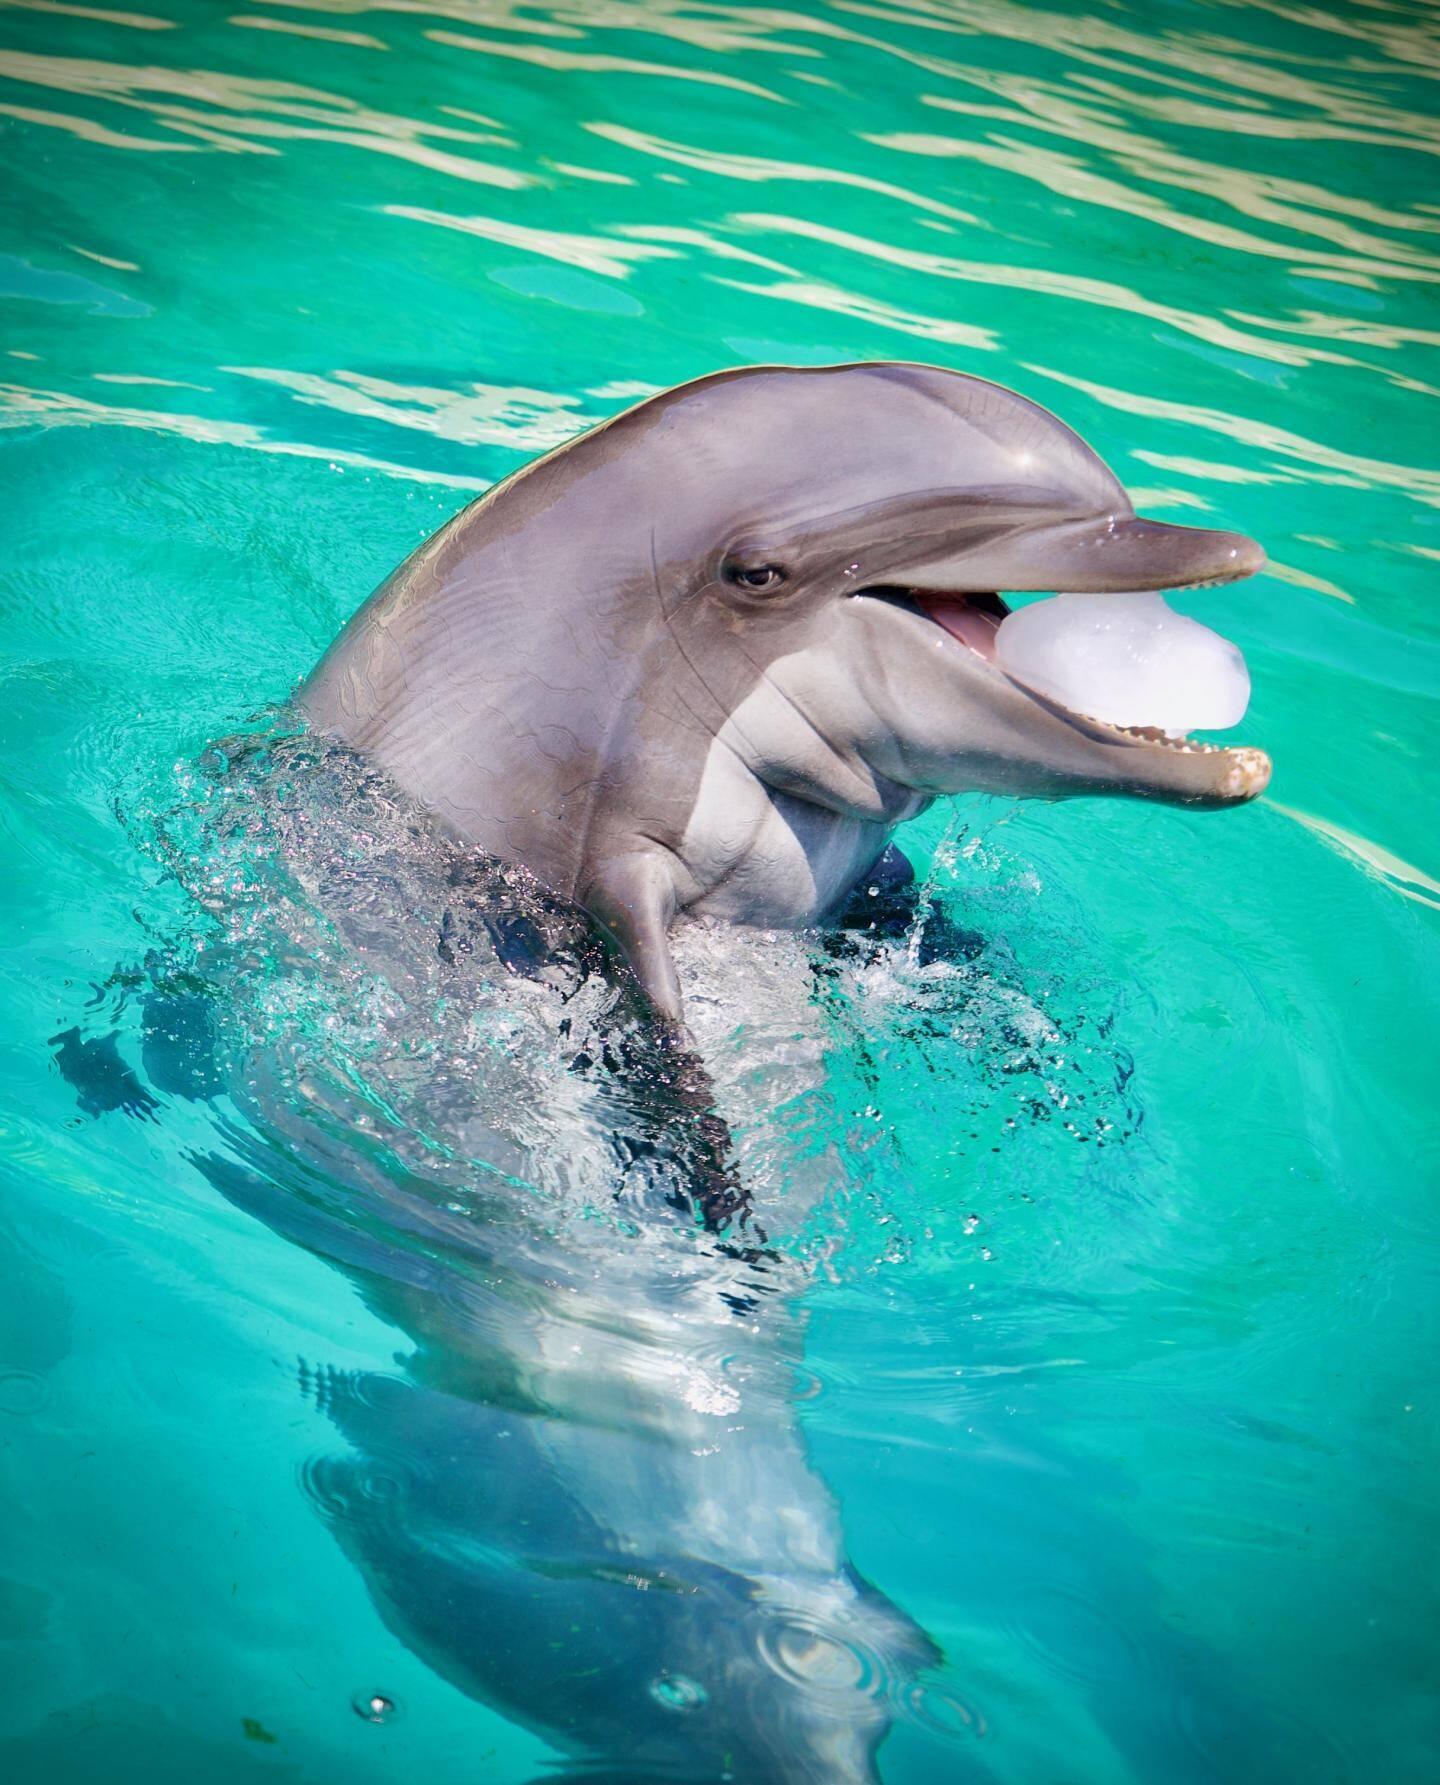 Les dauphins seront interdits dans les parcs à partir de 2027.